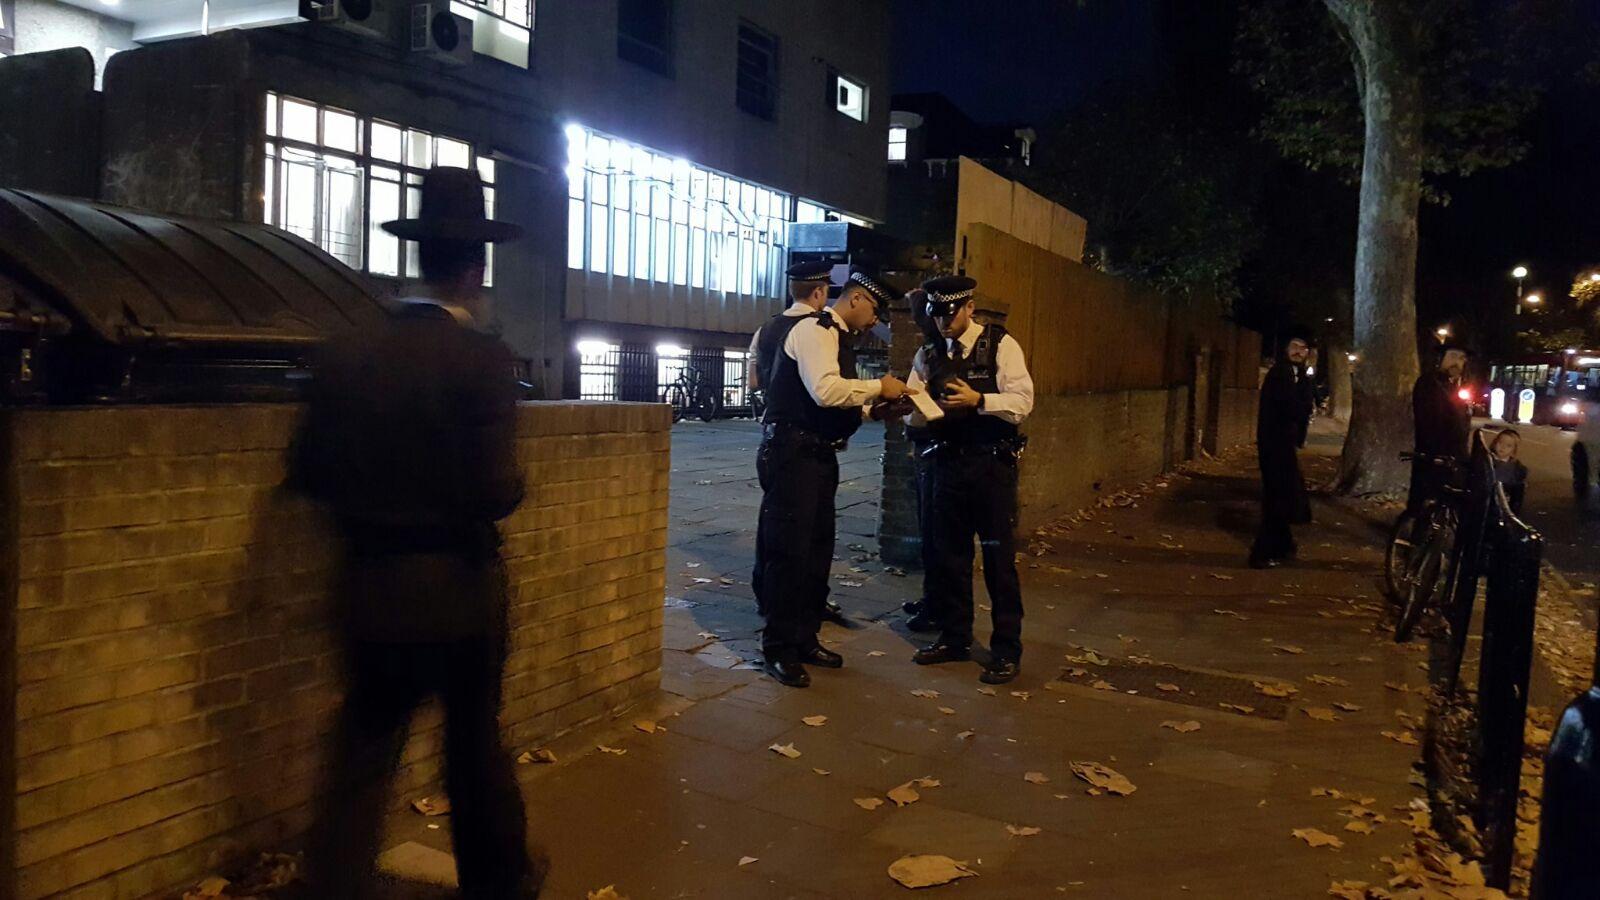 אימה בלונדון: פרצו לבית כנסת עם סכין